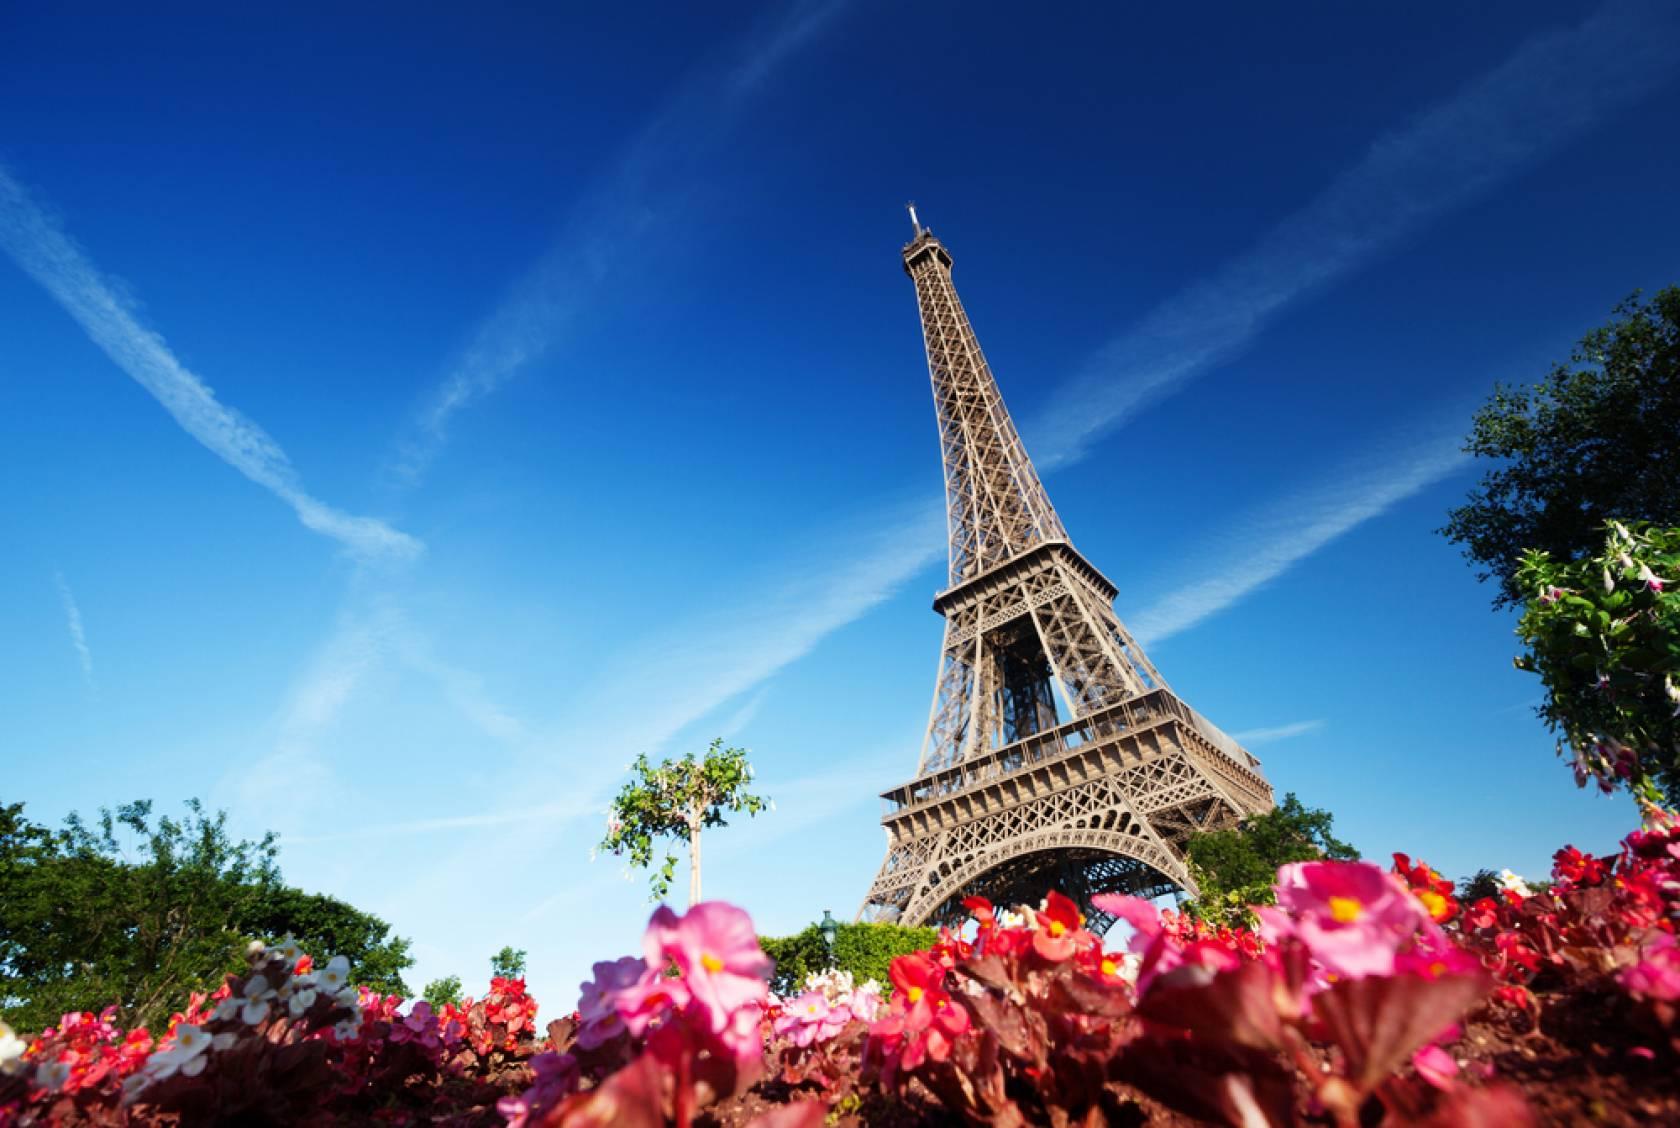 ベルギーとフランス 2カ国周遊ツアー/ベルギーエクスプレス